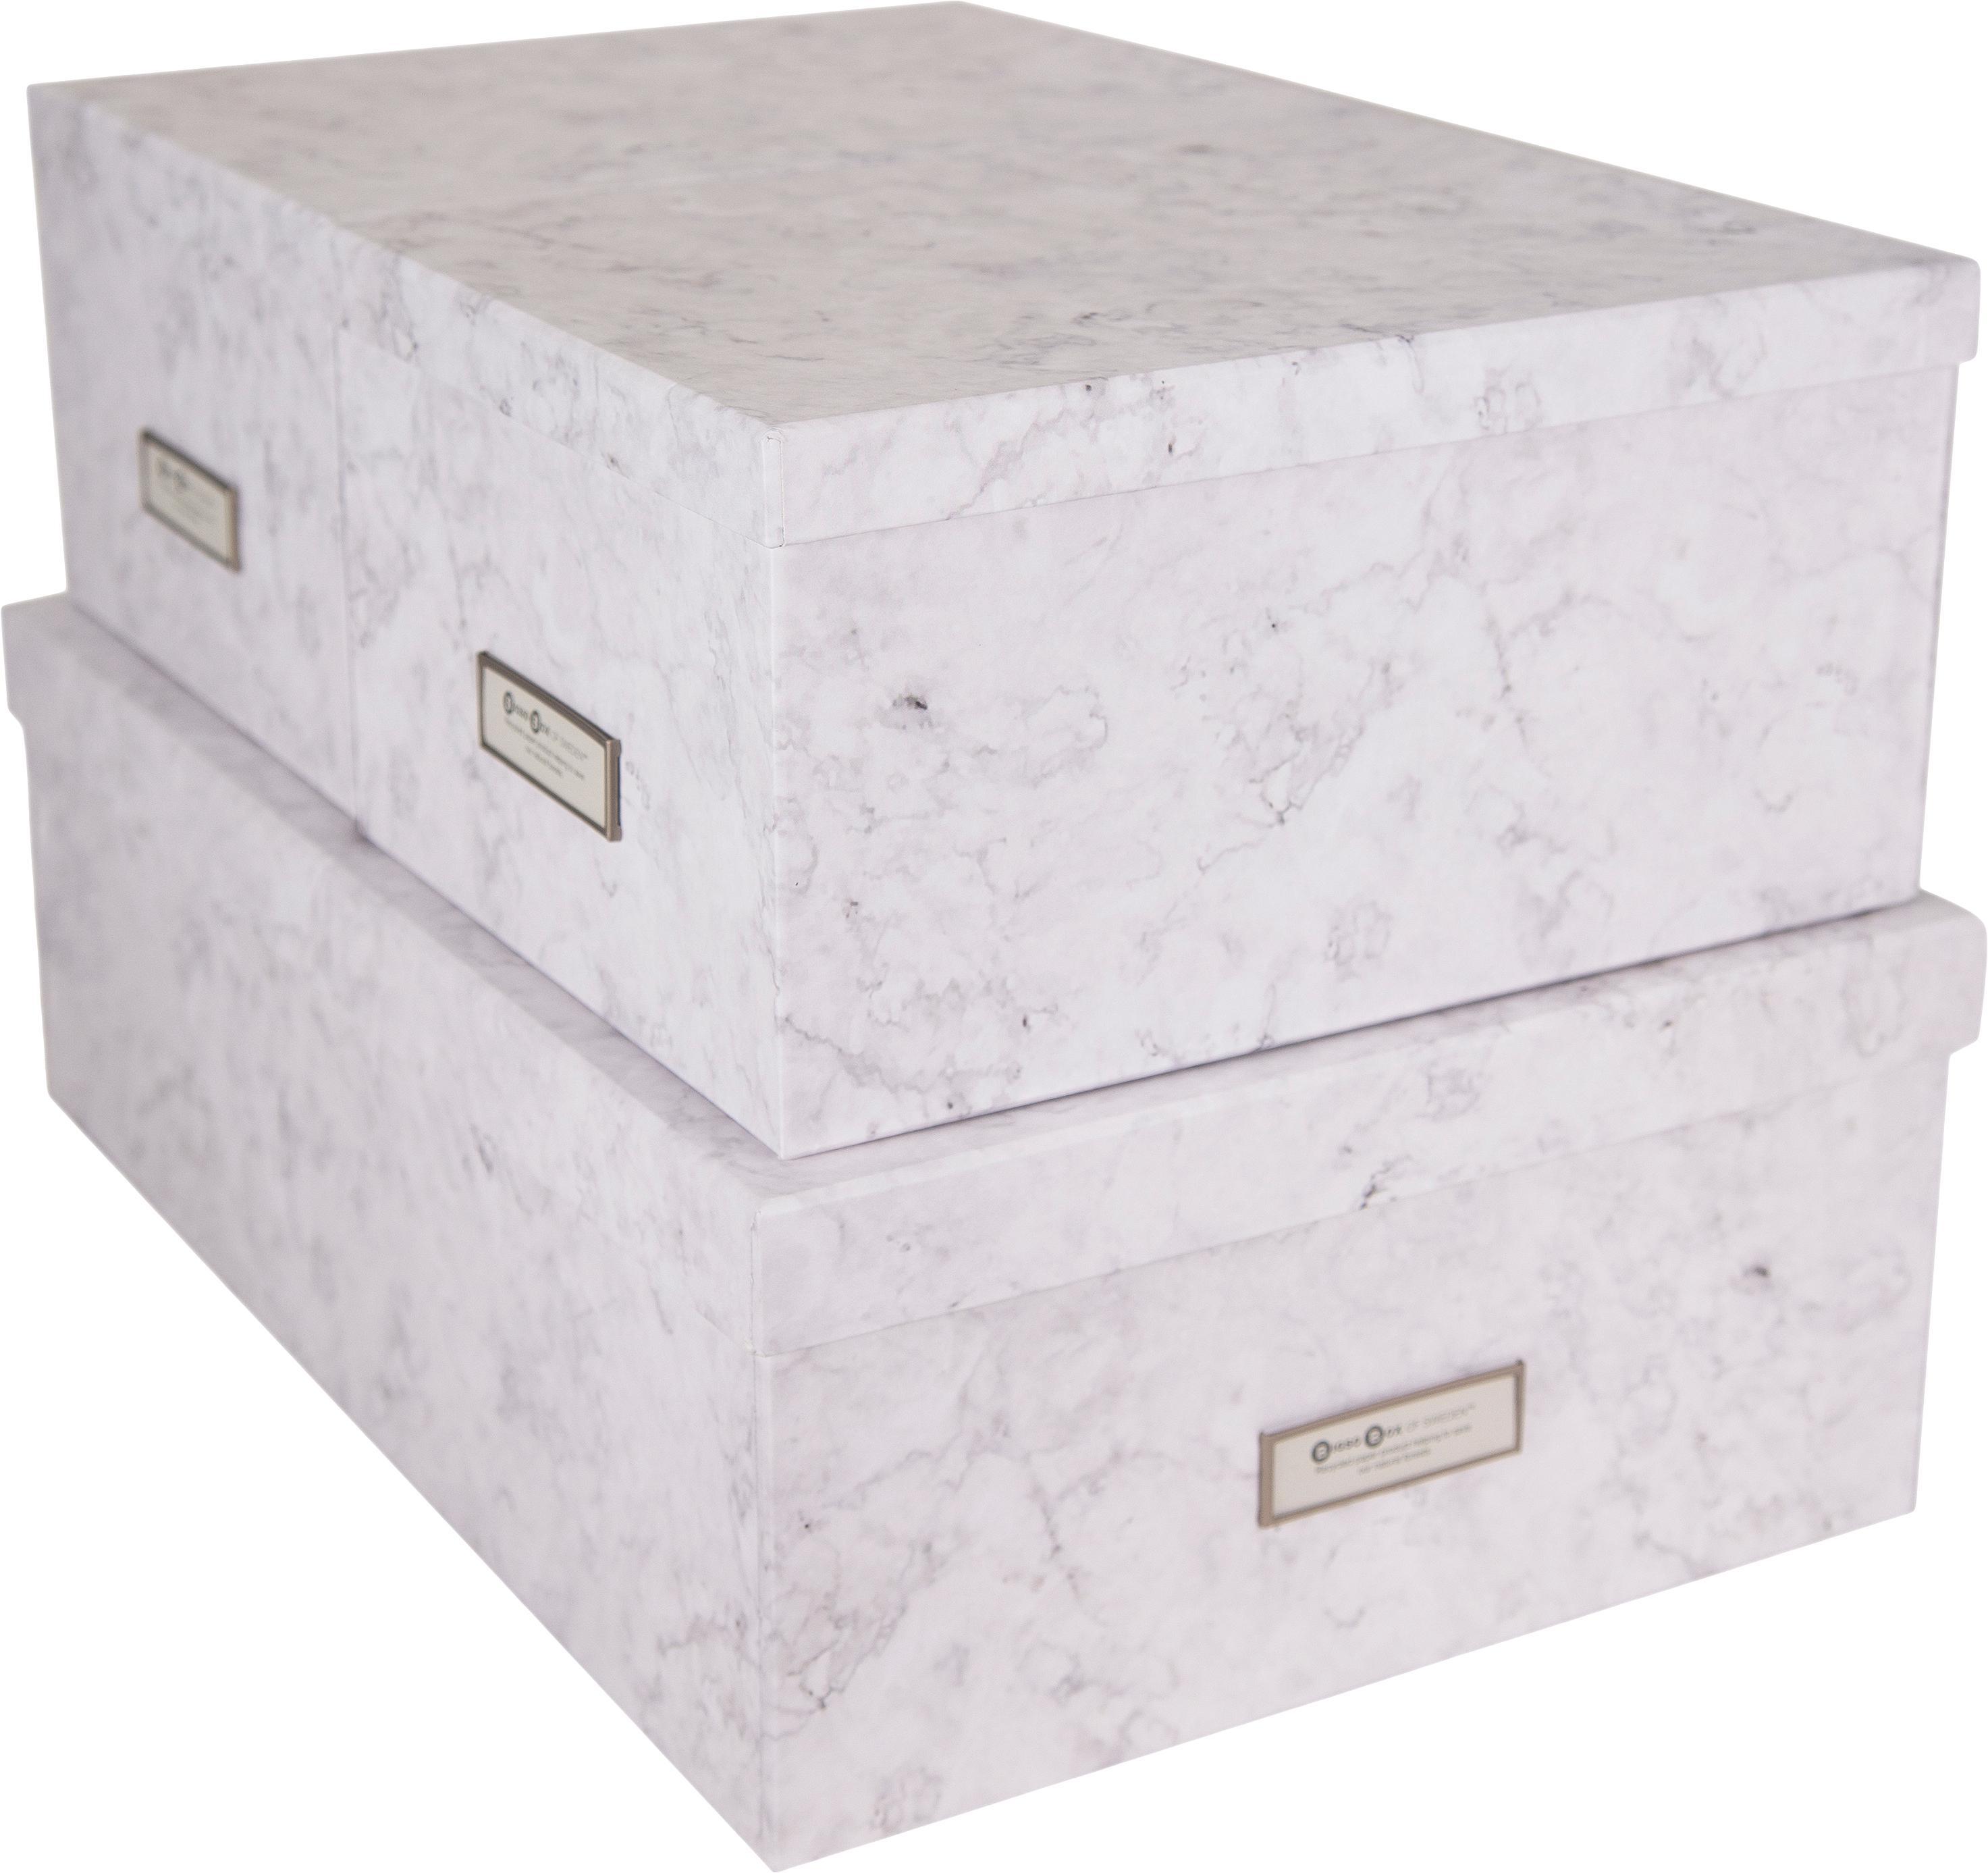 Set 3 scatole Inge, Scatola: solido, cartone laminato, Bianco marmorizzato, Diverse dimensioni